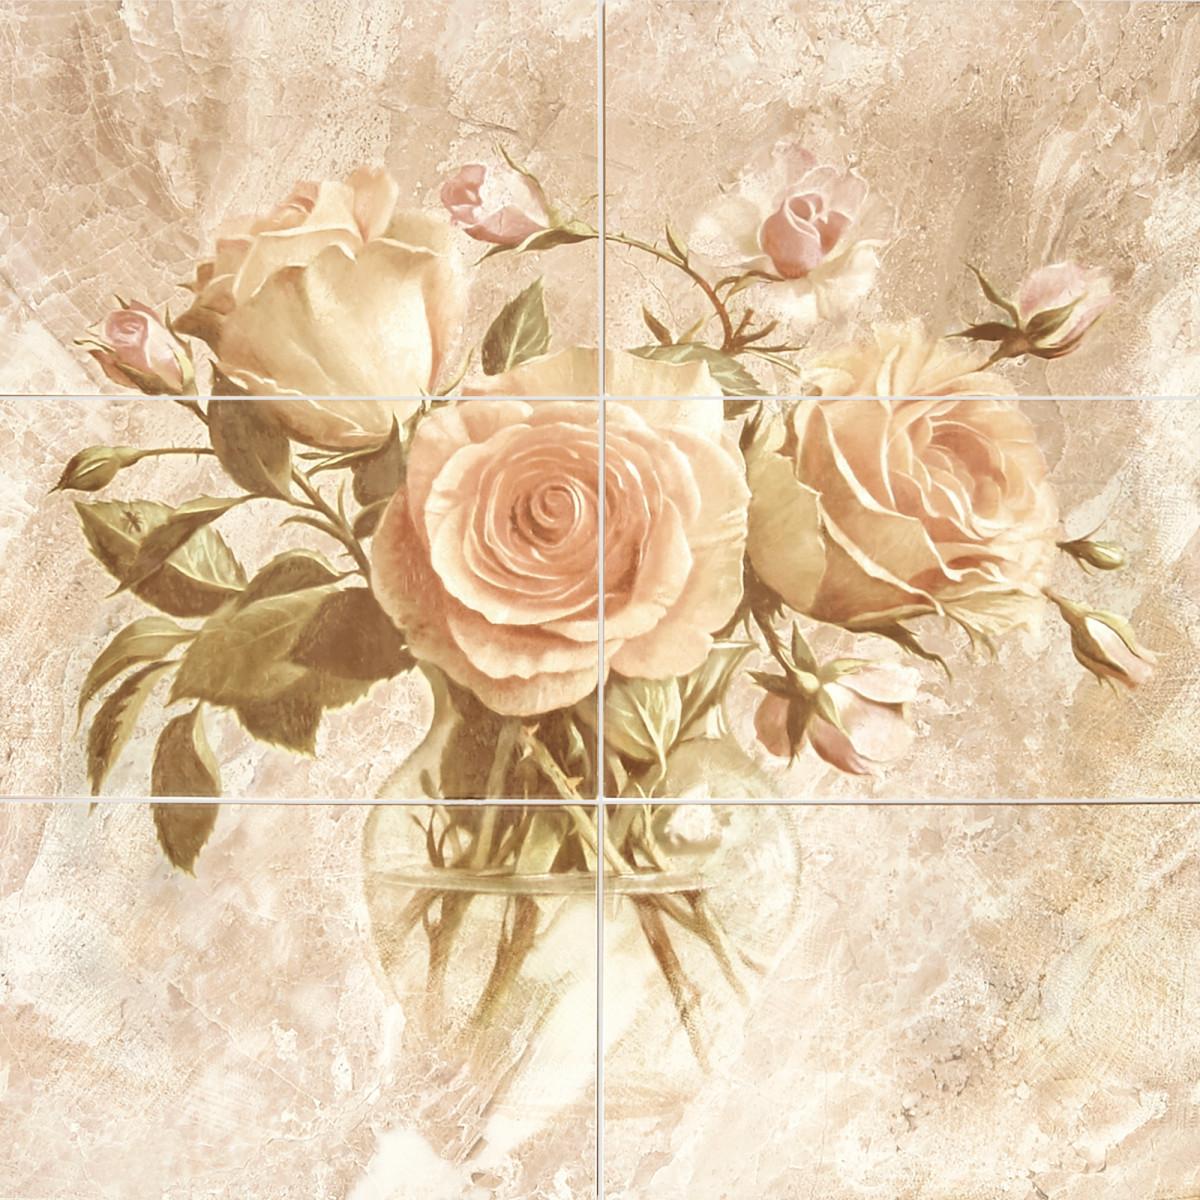 Панно настенное Garda Цветы 27.5x40 см 0.648 м² цвет бежевый